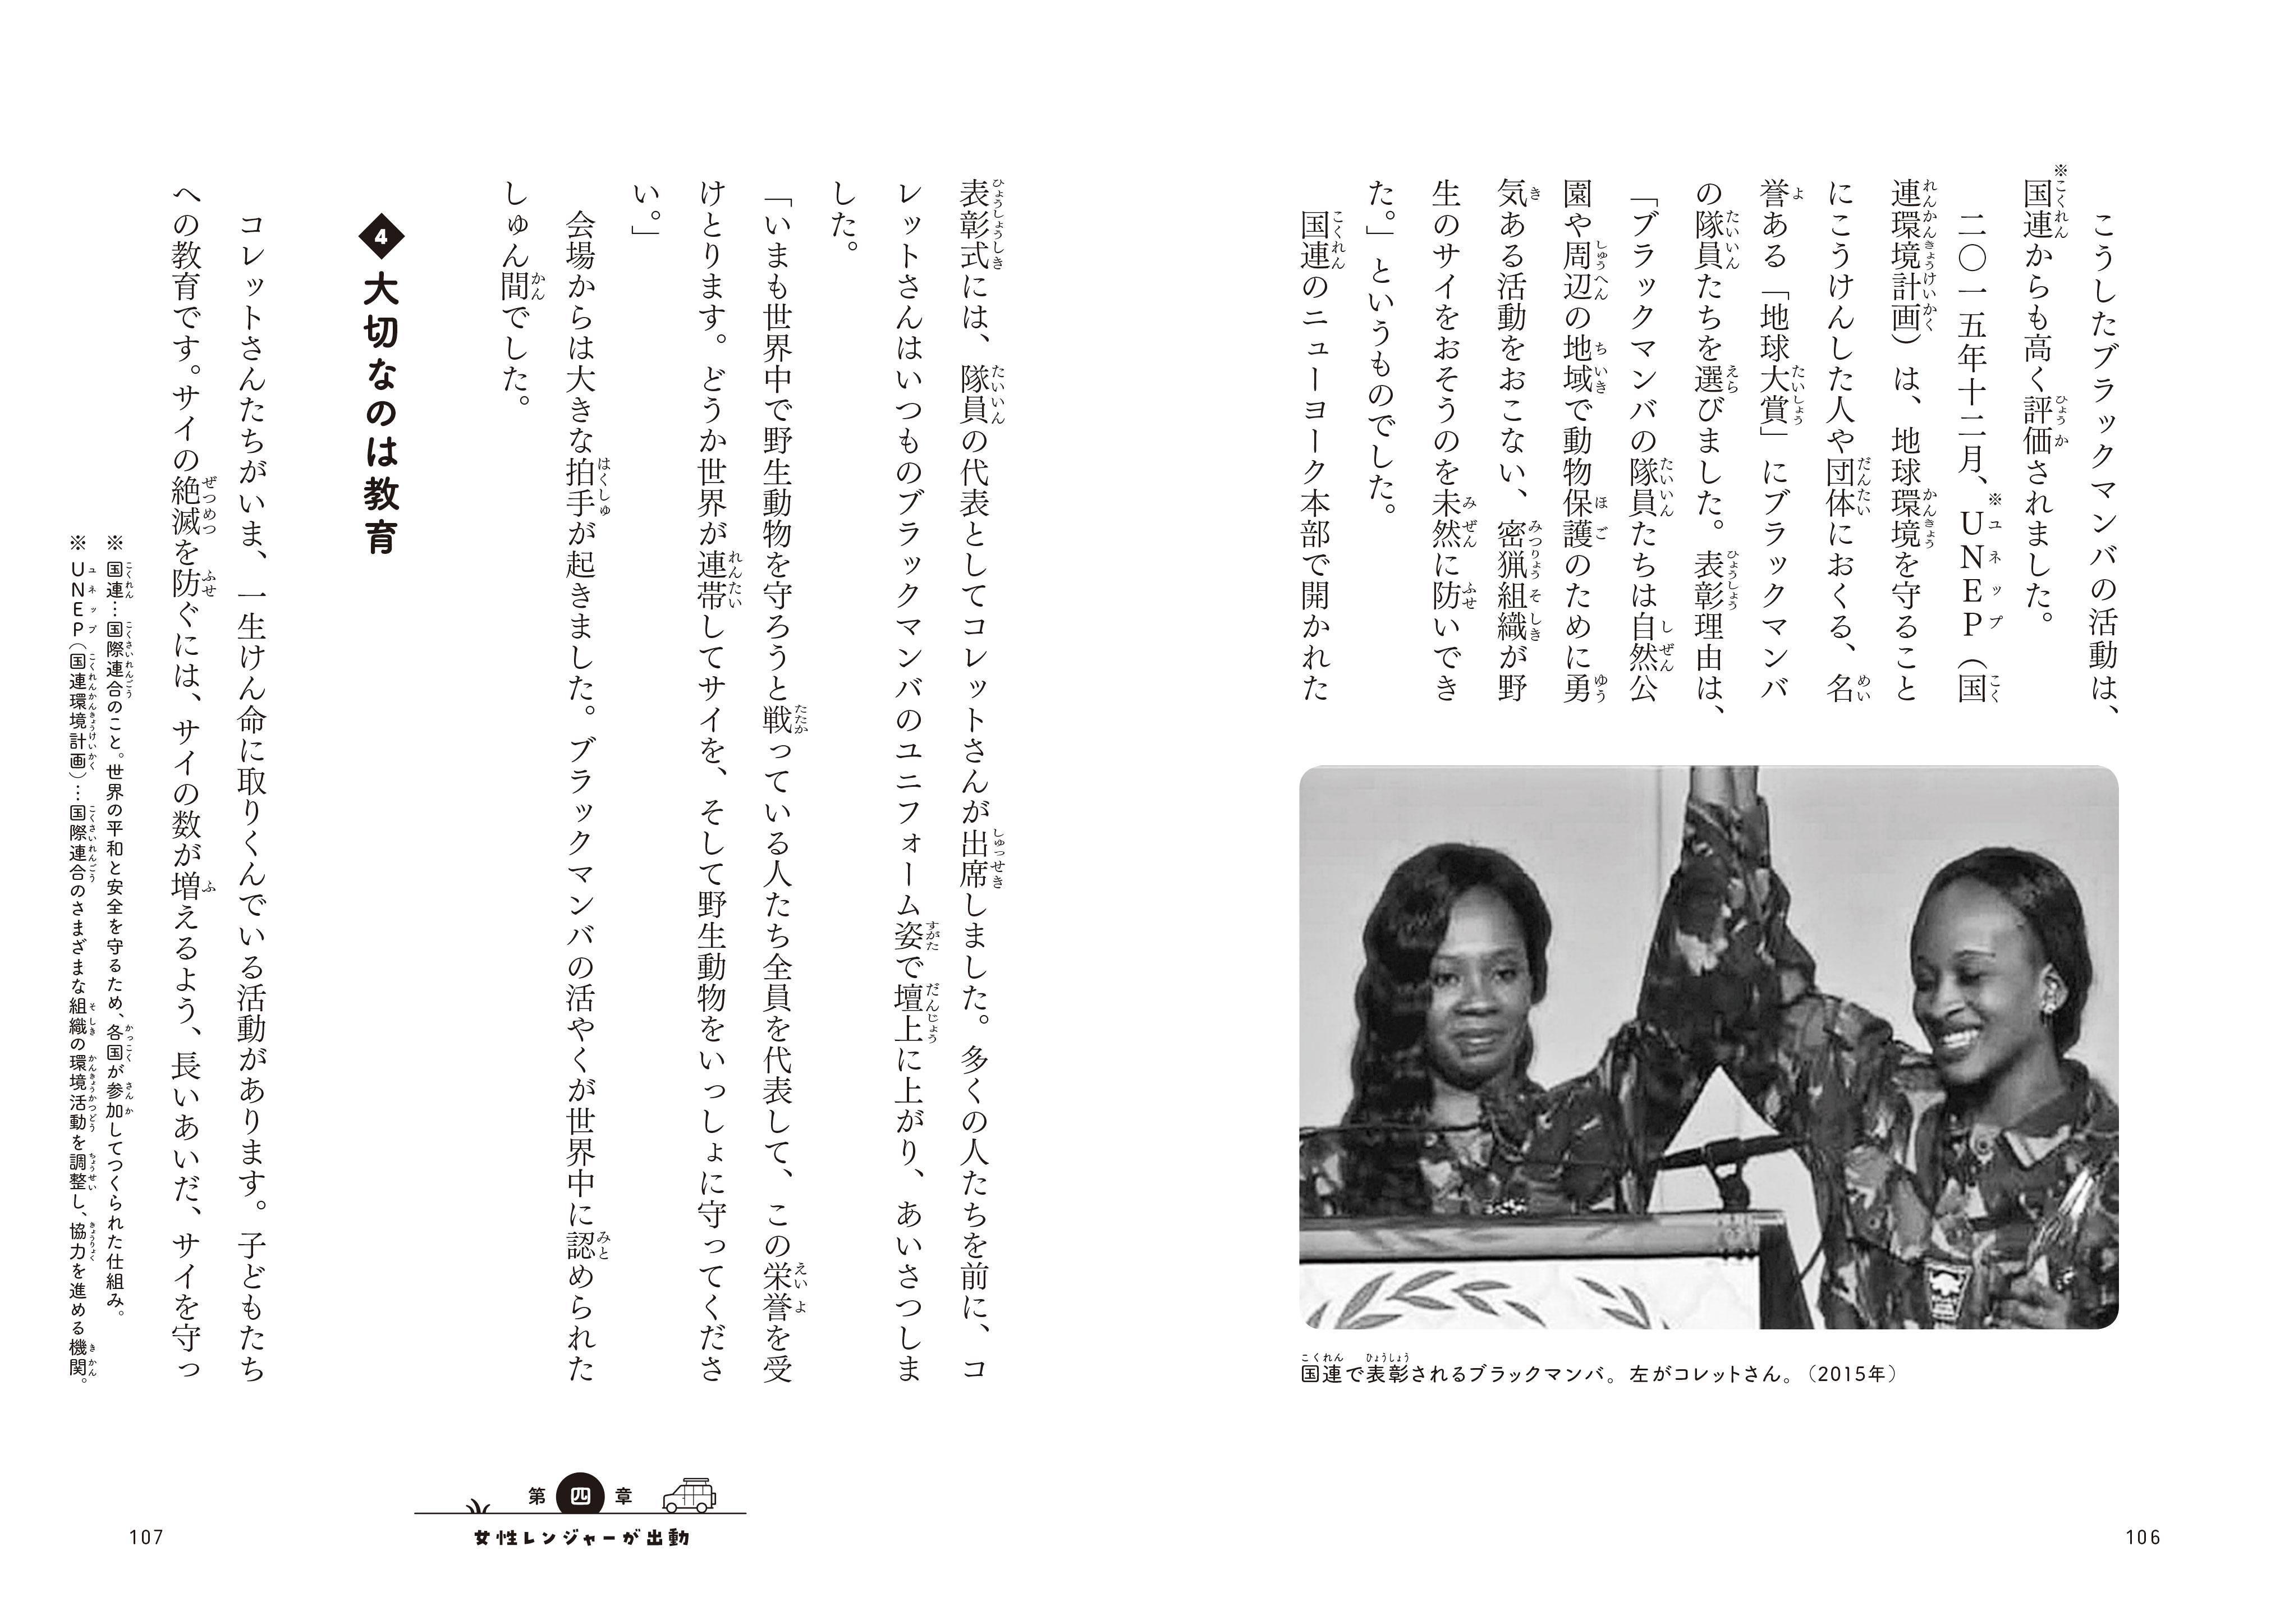 女性のみで構成された「ブラックマンバ」 紙面